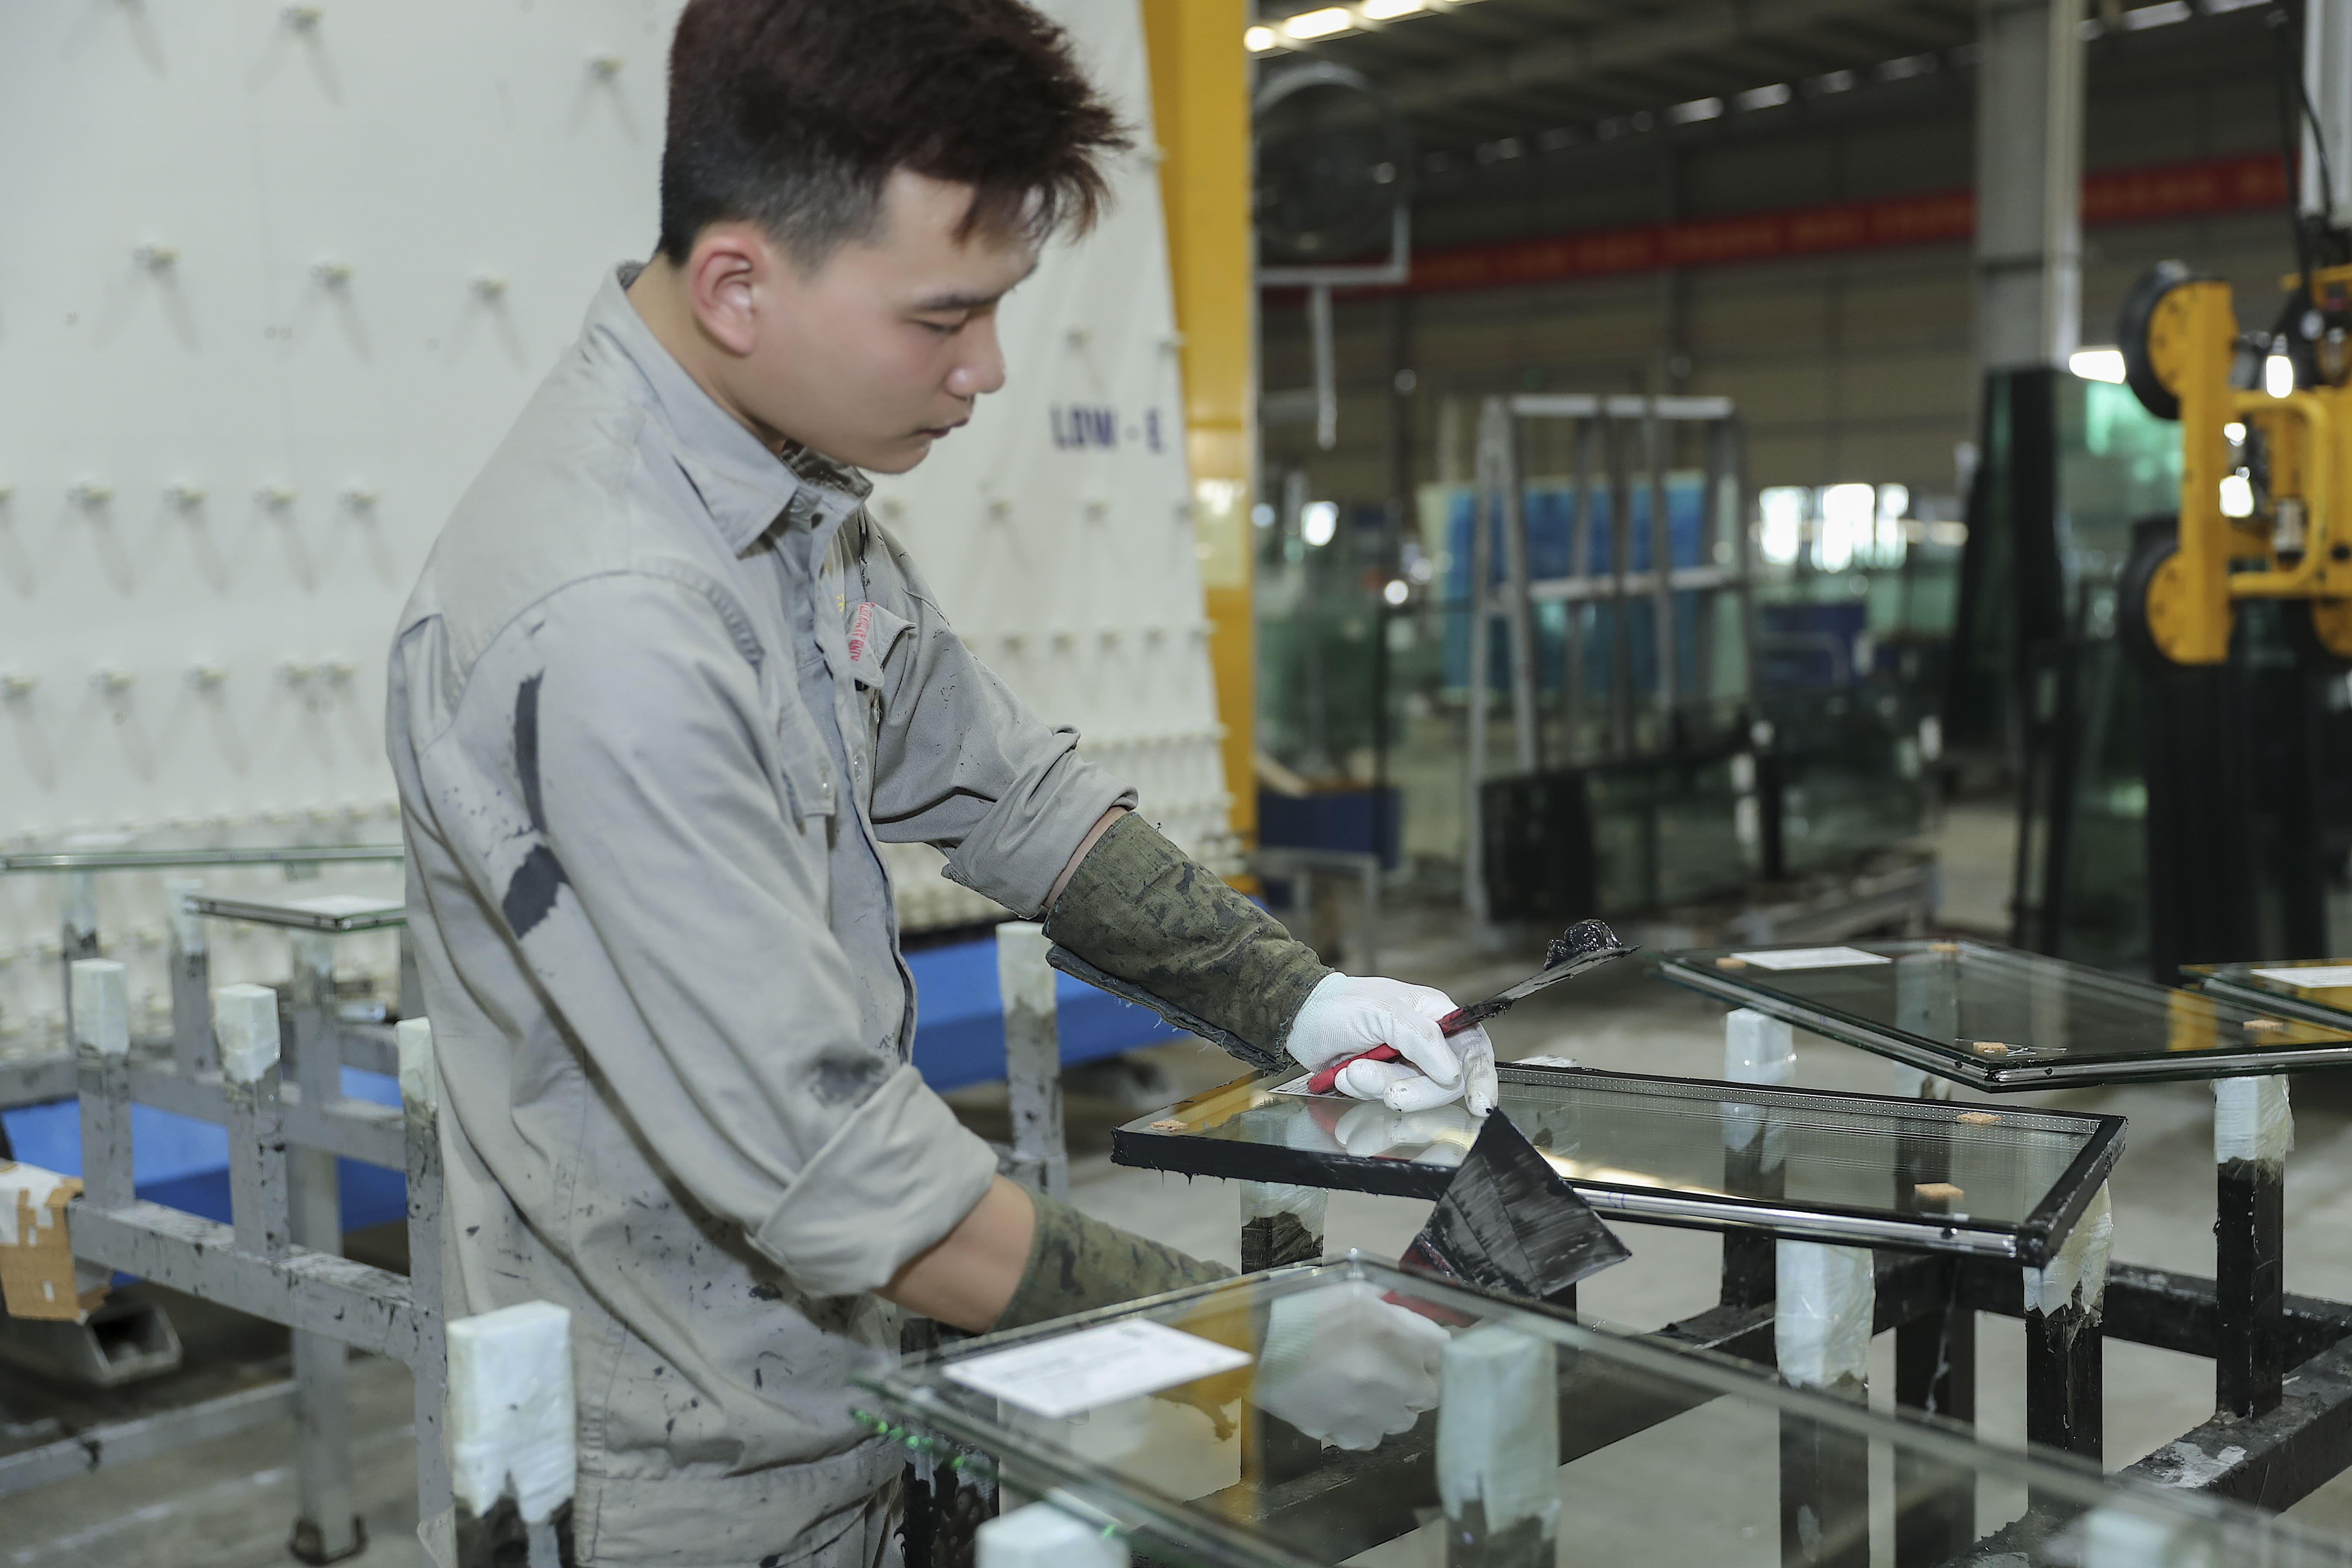 Tại sao xuất khẩu kính nổi của Việt Nam tăng cao trong thời gian gần đây?